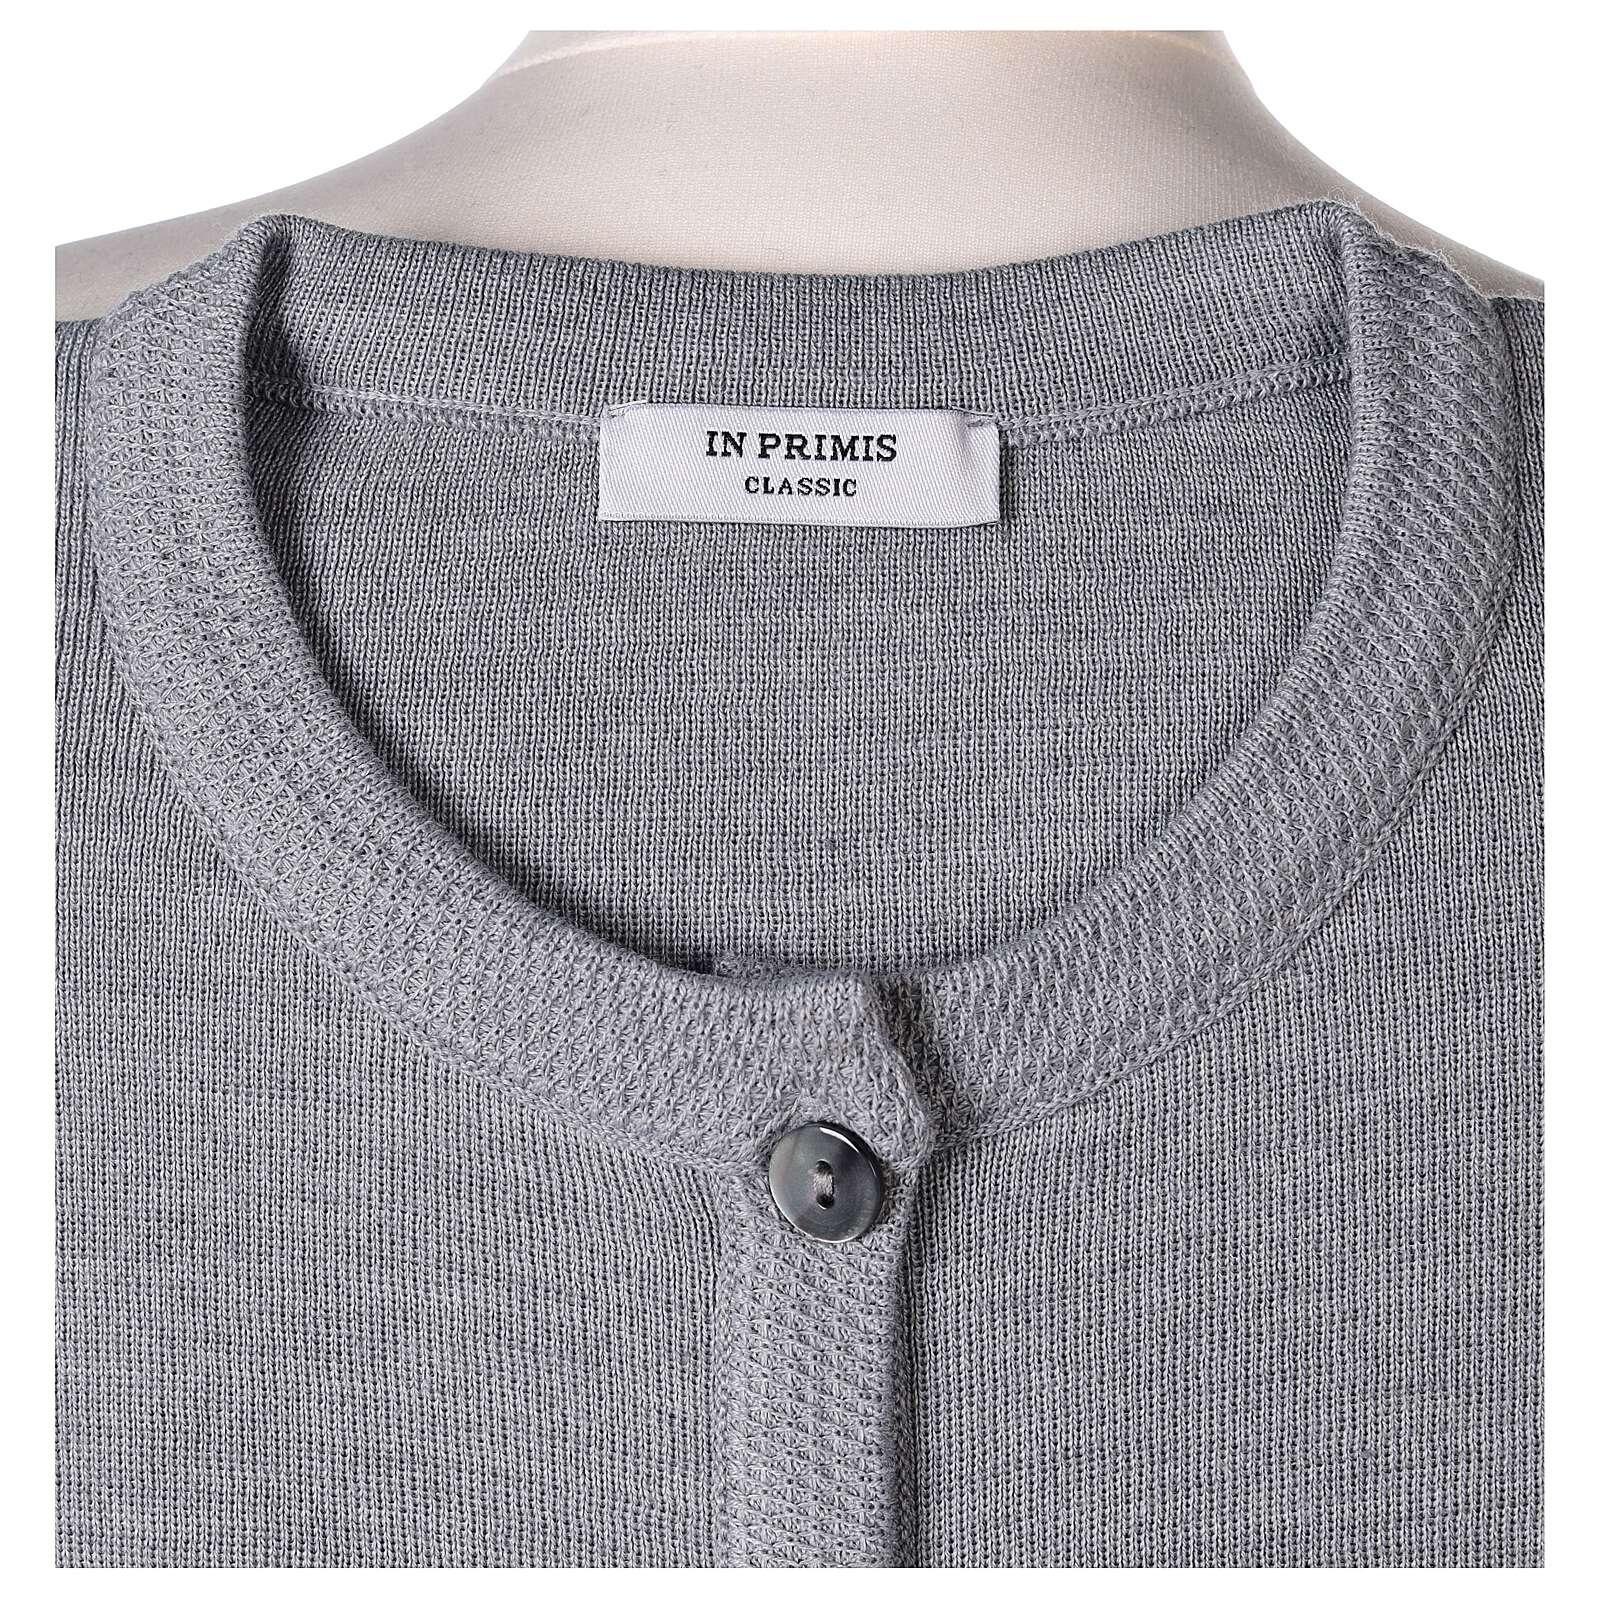 Damen-Cardigan, perlgrau, mit Taschen und Rundhalsausschnitt, 50% Acryl - 50% Merinowolle, In Primis 4